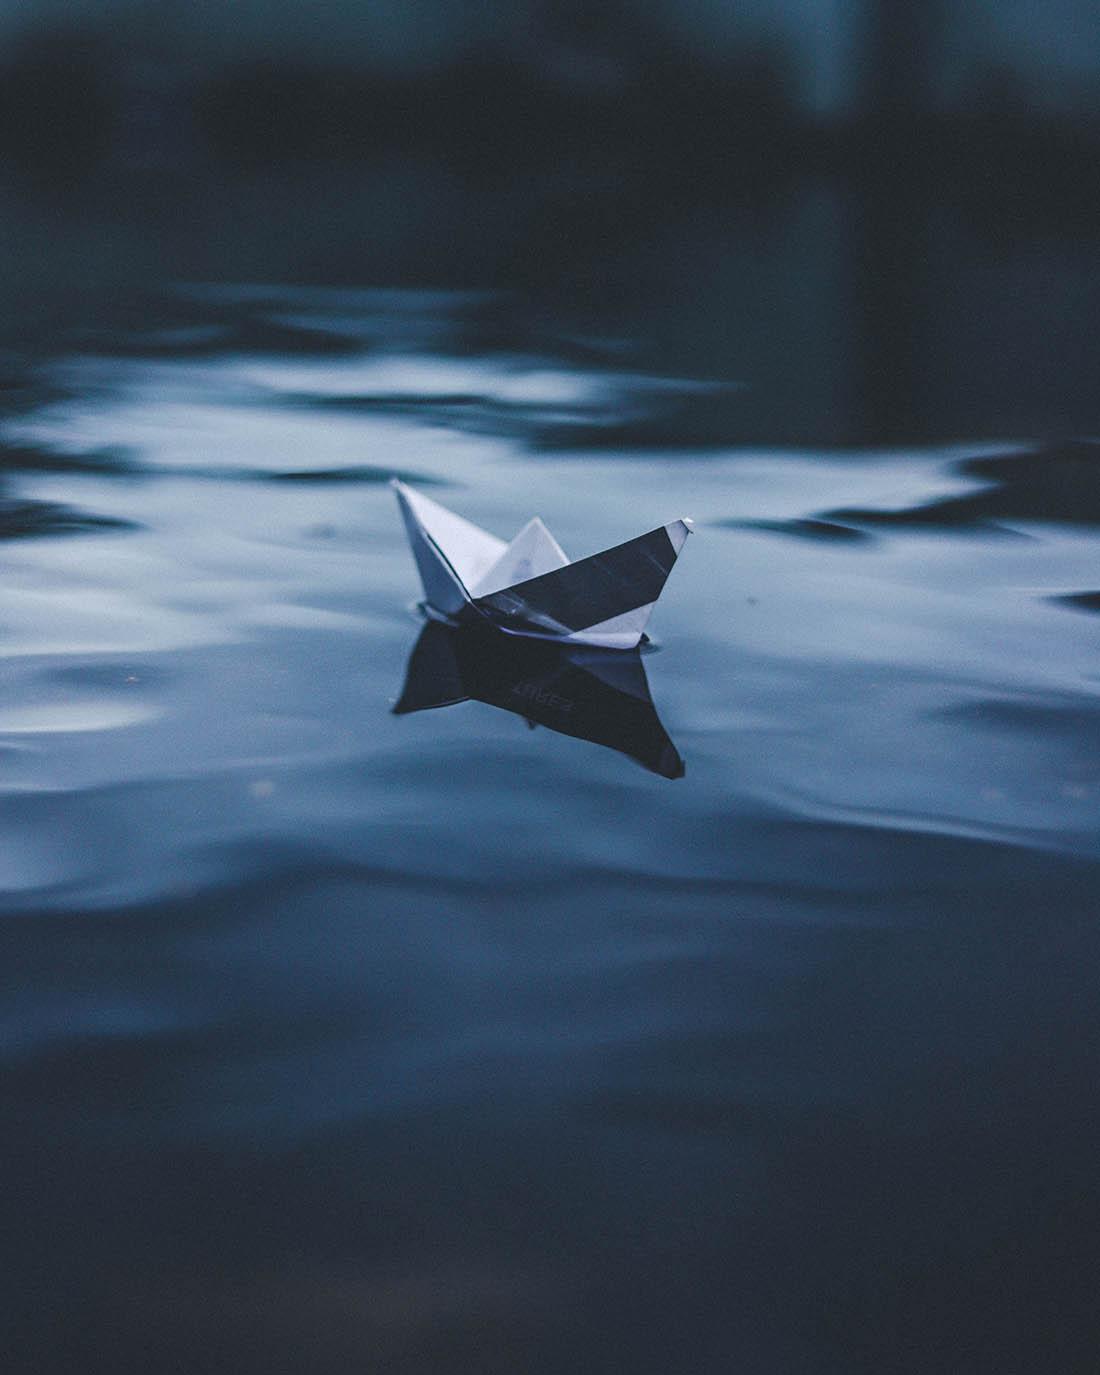 Origami-båt av trycksak i papper på vågigt vatten